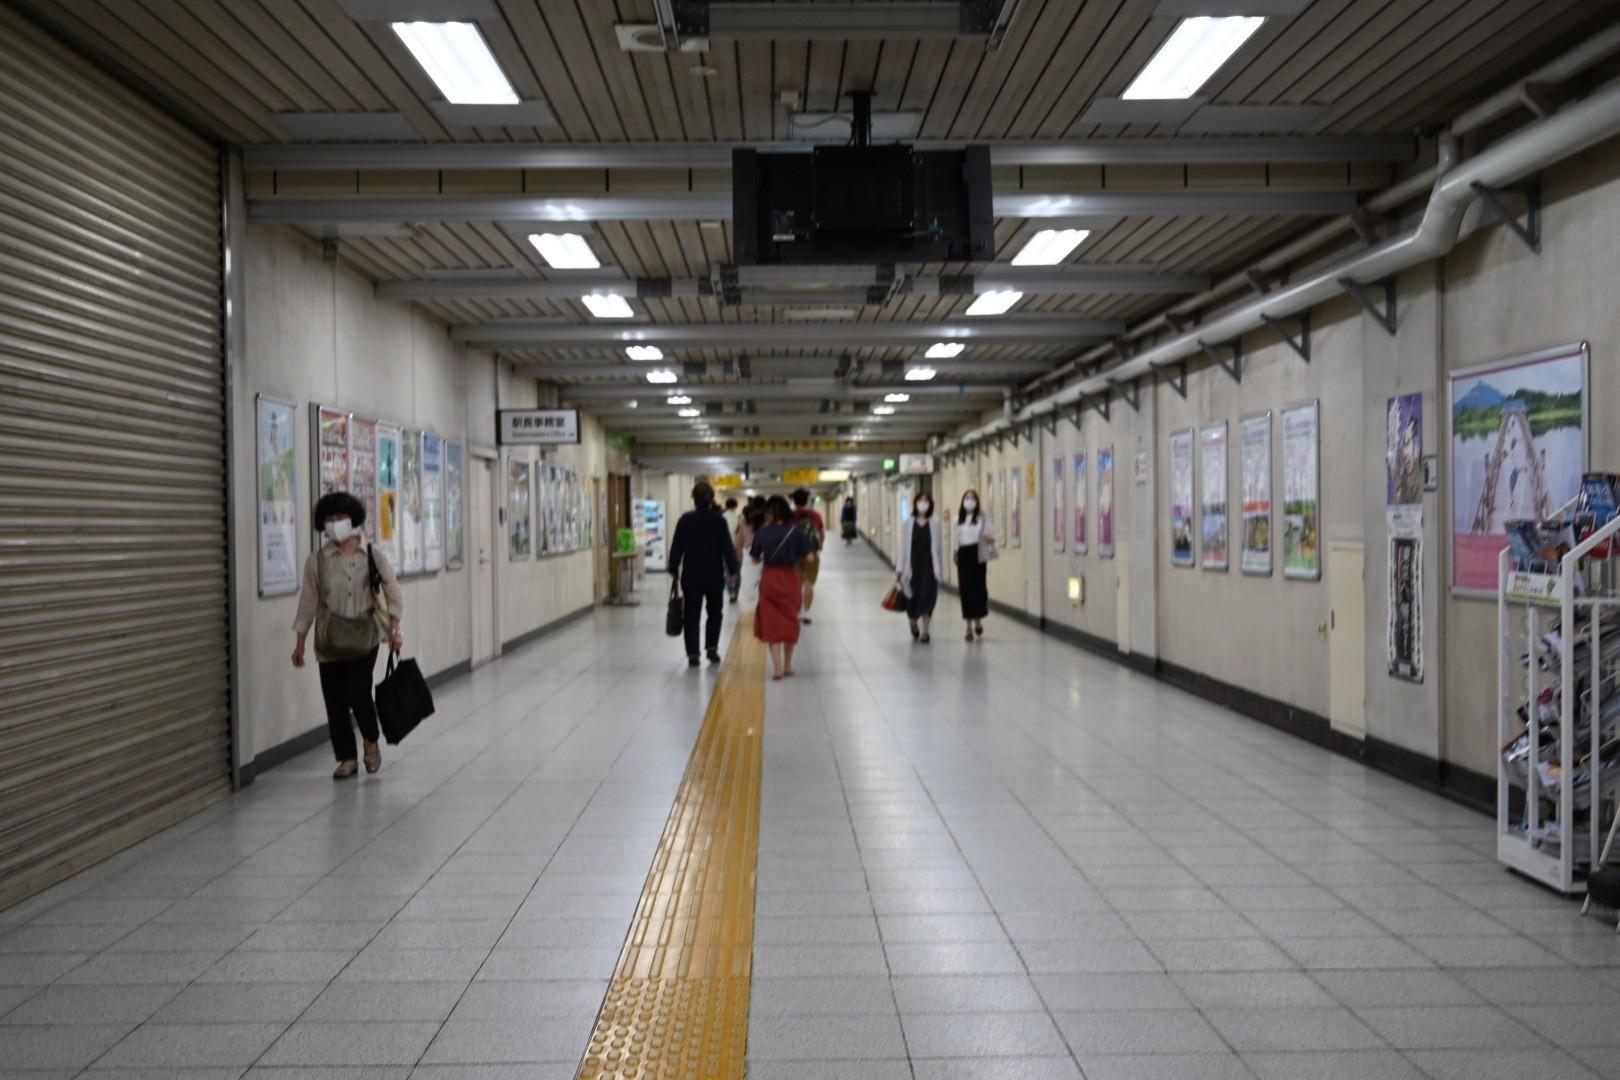 f:id:nosutoradamu:20210613190528j:image